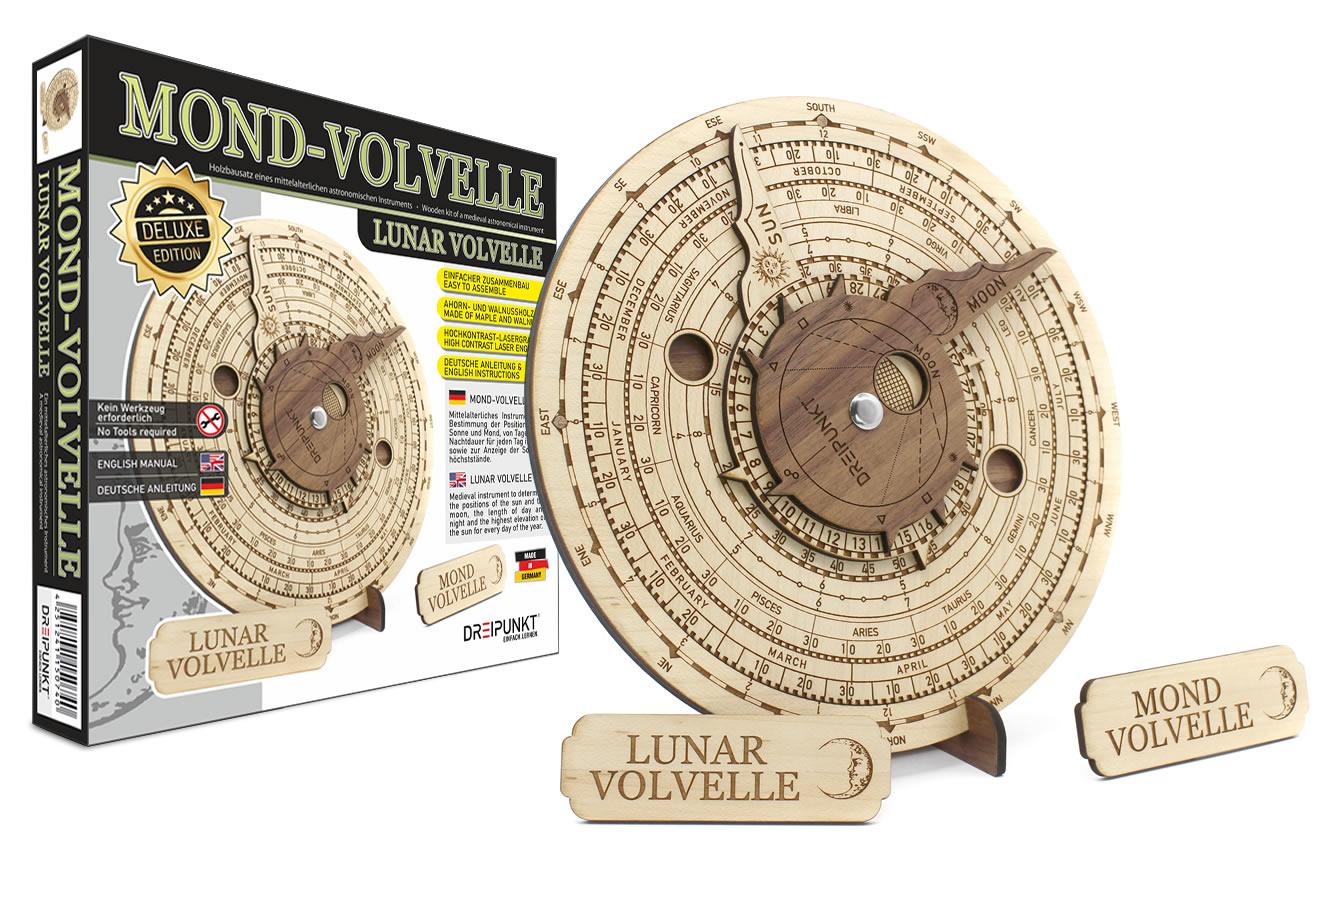 NEU: Mond-Volvelle Deluxe Edition